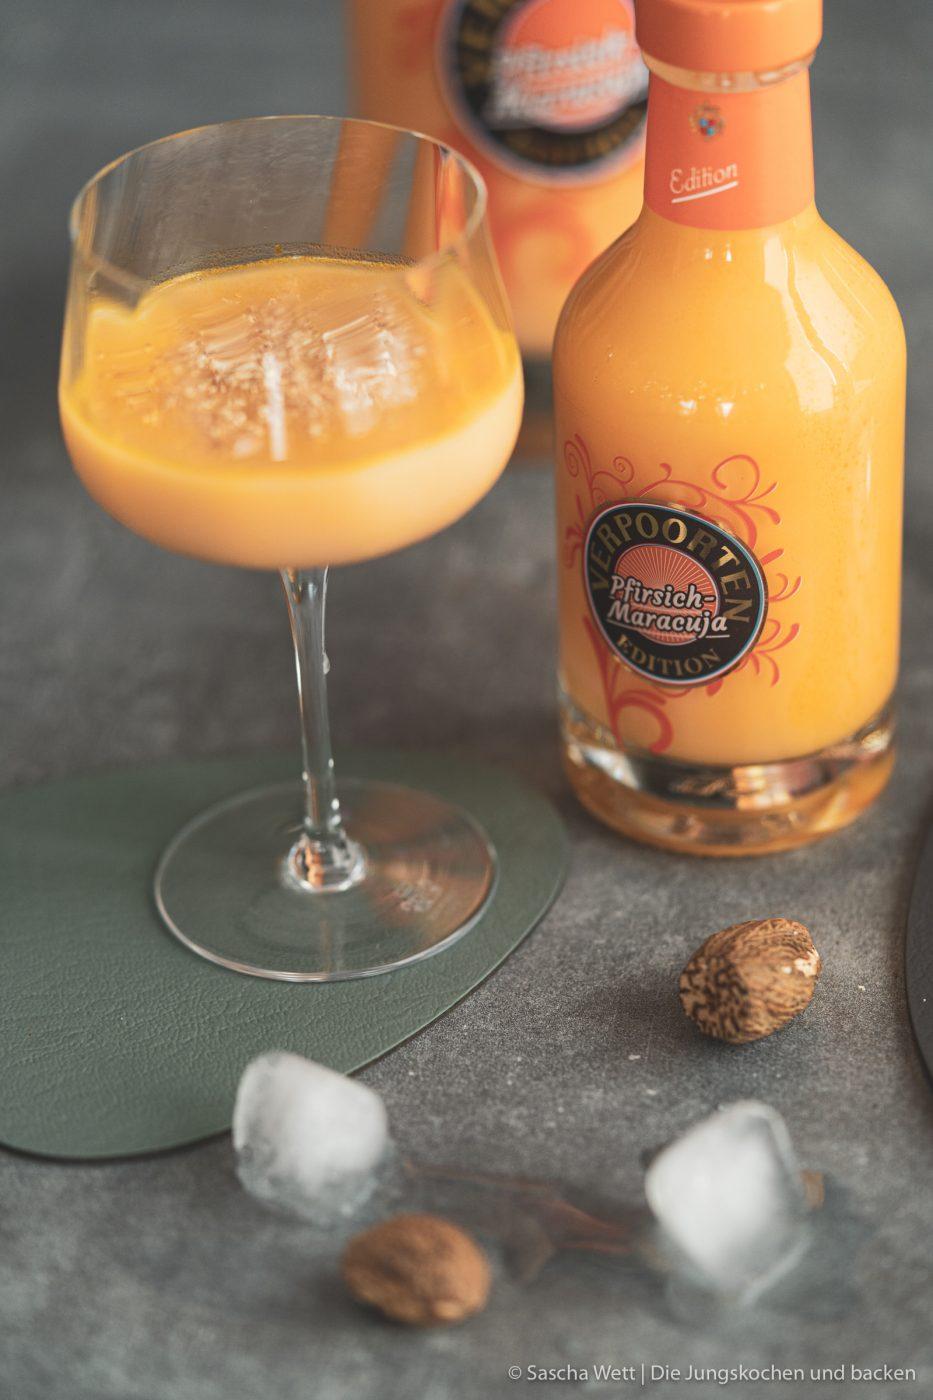 Sundown Eggnog Verpoorten 4 | Wir gehen auch schon in die zweite Runde unserer IGTV-Reihe Unser Schnapsregal! Dieses Mal haben wir einen leckeren Cocktail für euch im Gepäck und der ist der perfekte Drink für einen entspannten Feierabend. Wenn die Sonne orangerot am Himmel steht, kann man so langsam in den Entspannungsmodus wechseln, denn das ist doch die schönste Zeit des Tages. Genau für diese Stunden haben wir den Sundown Eggnog kreiert - so heißt unsere Eierlikör-Cocktail-Kreation. Wir sind RIESEN Fans von Eierlikör, das wisst ihr ja alle. Und daher können wir nicht glücklicher sein, das Traditionsunternehmen Verpoorten an unserer Seite zu wissen.